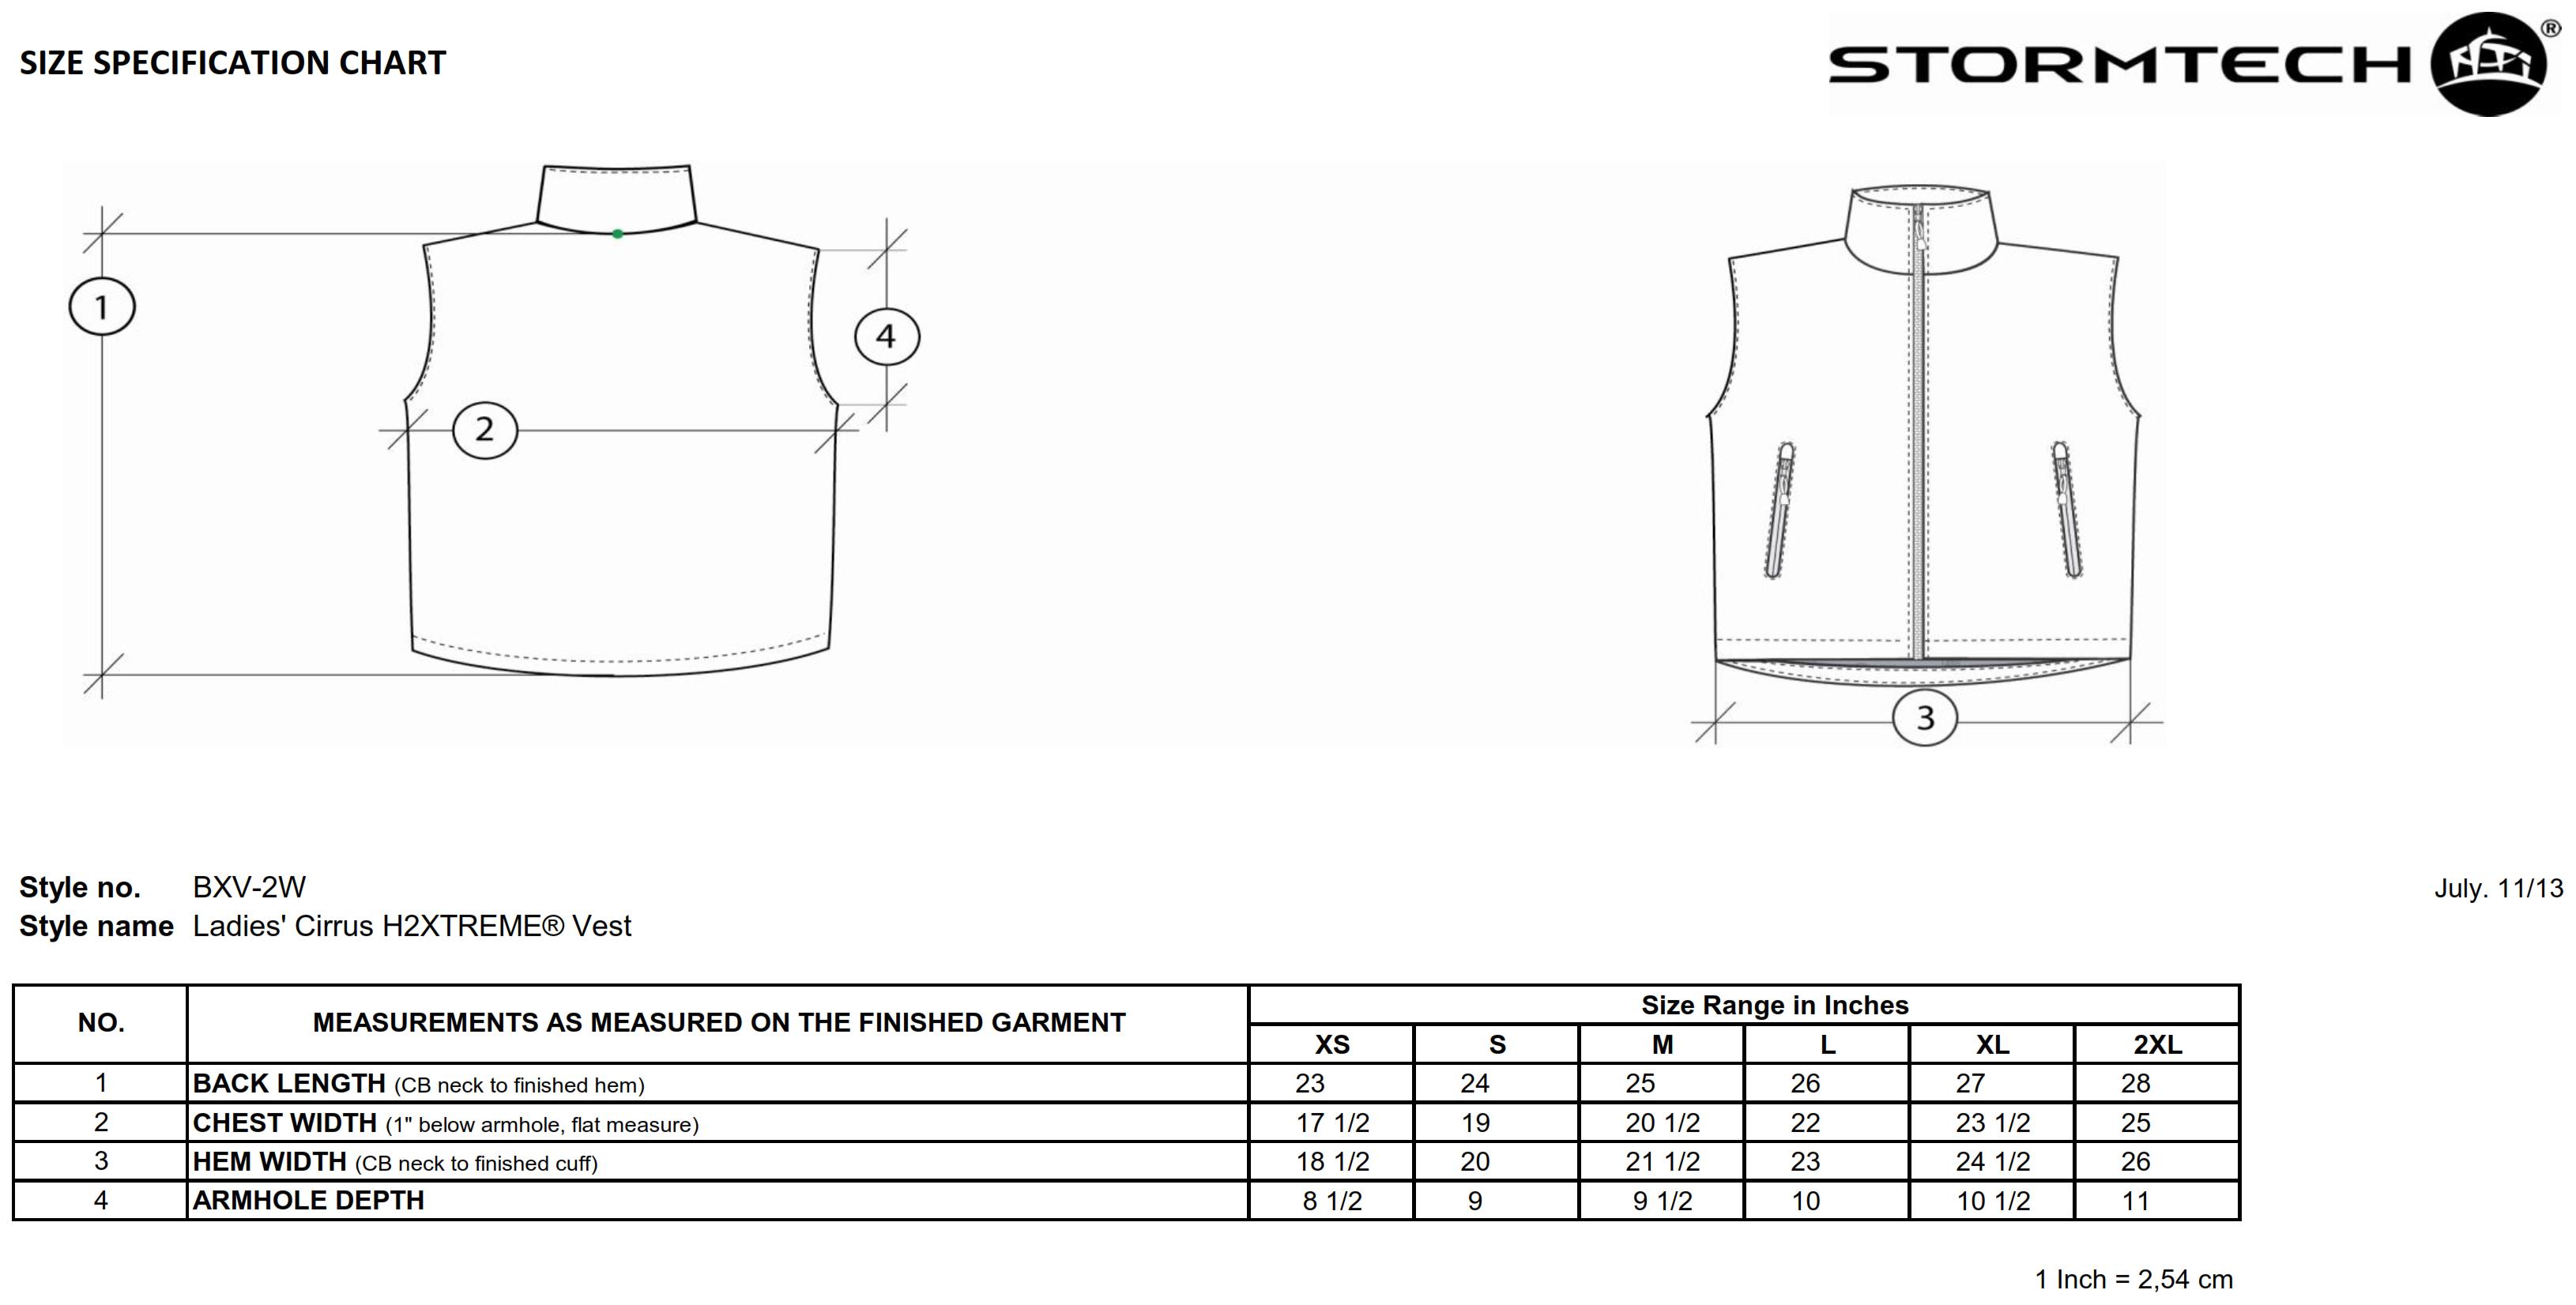 StormTech: Ladies` Cirrus H2XTREME Vest BXV-2W